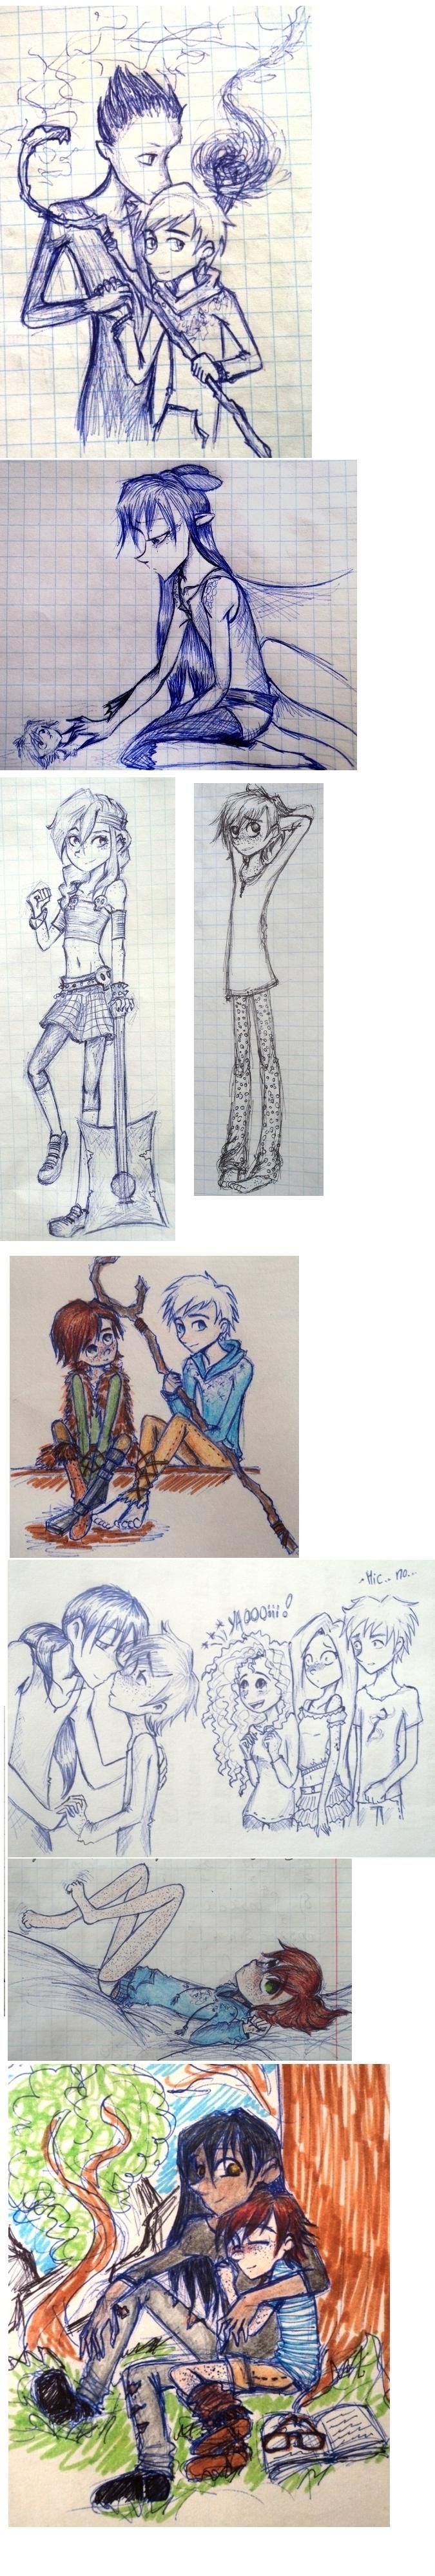 shitty sketchdump by UkeHicForEva